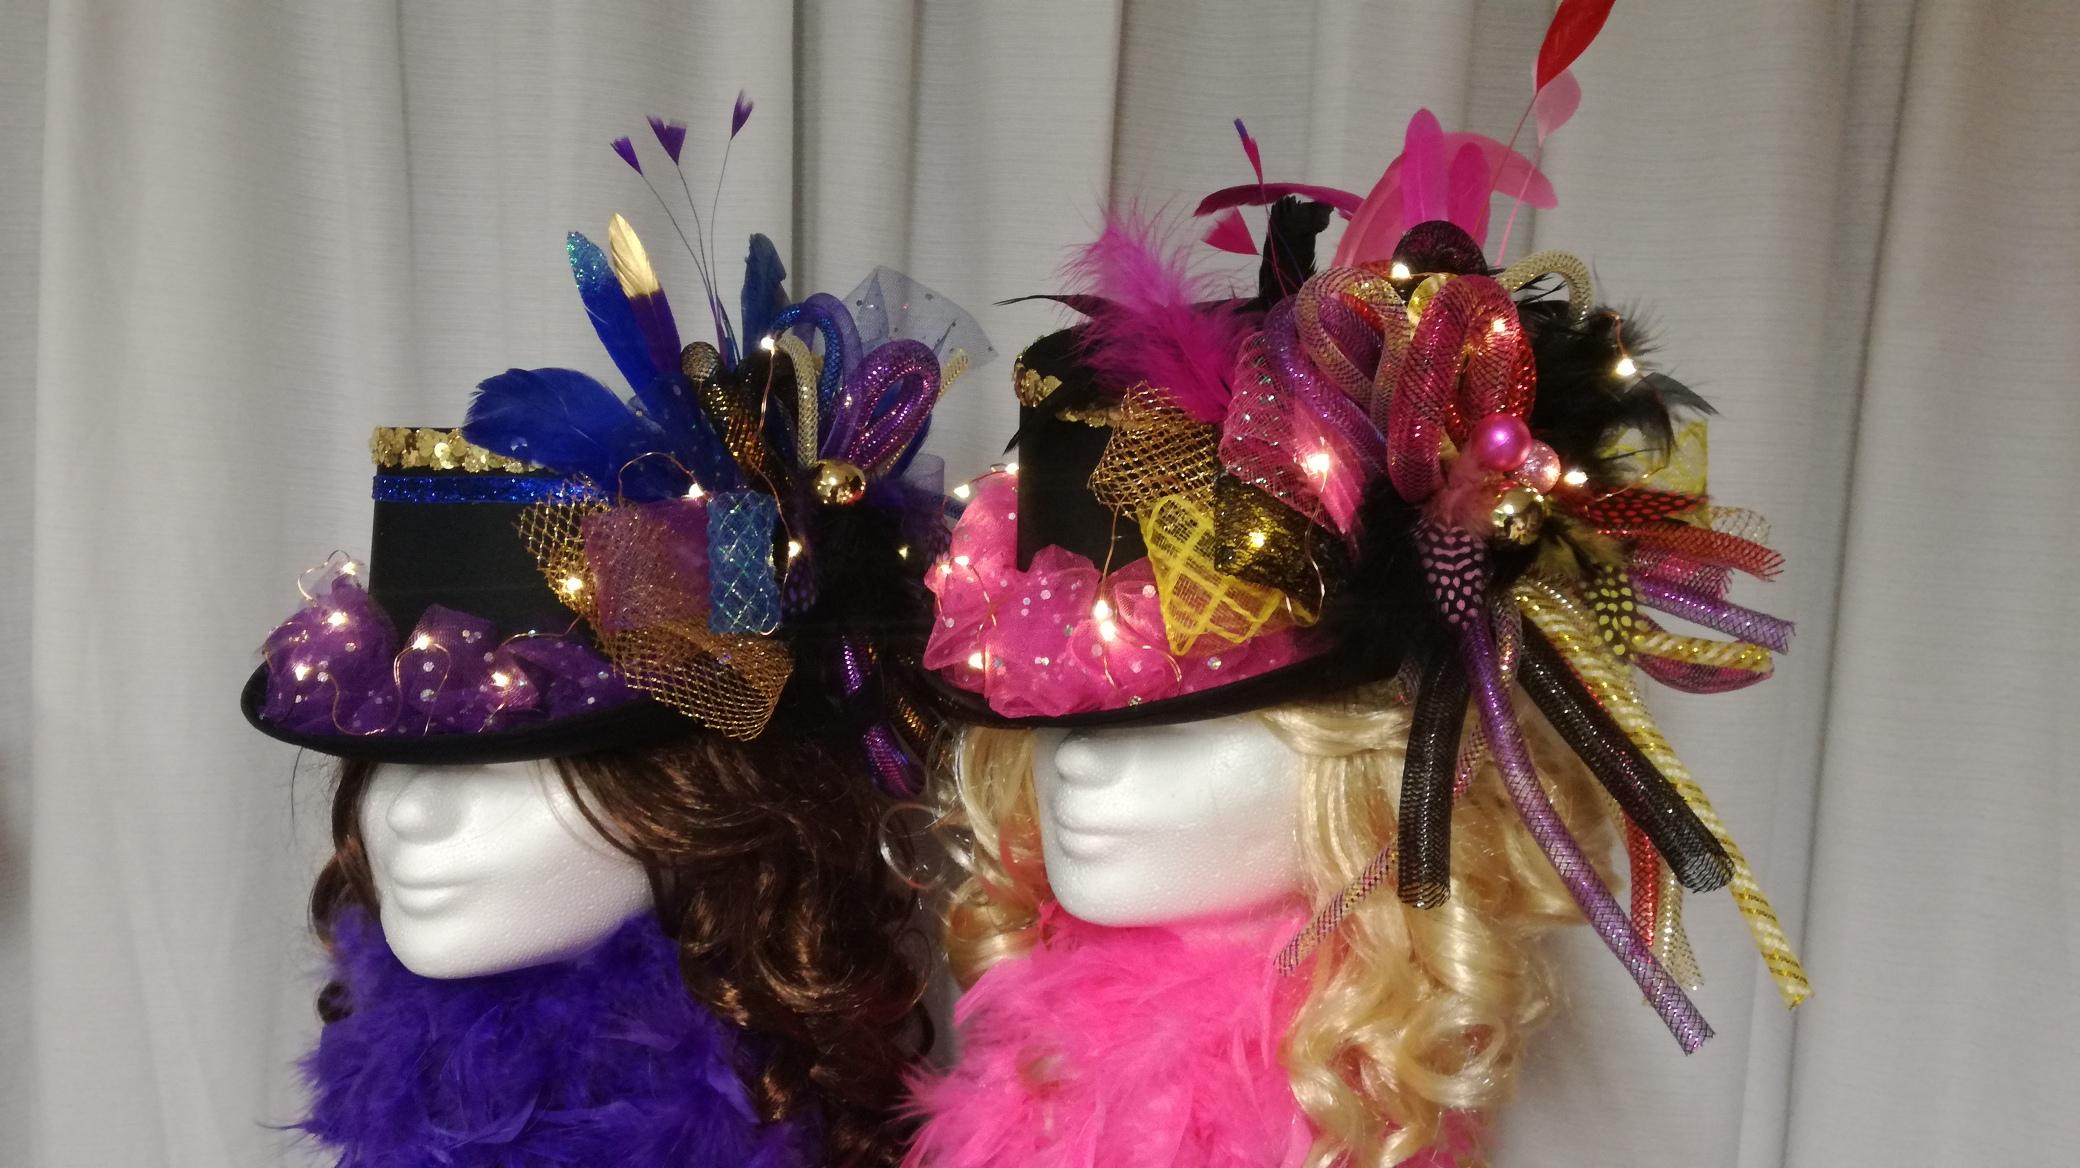 zwarte hoed met gewenste kleuren tubes, veren enz.